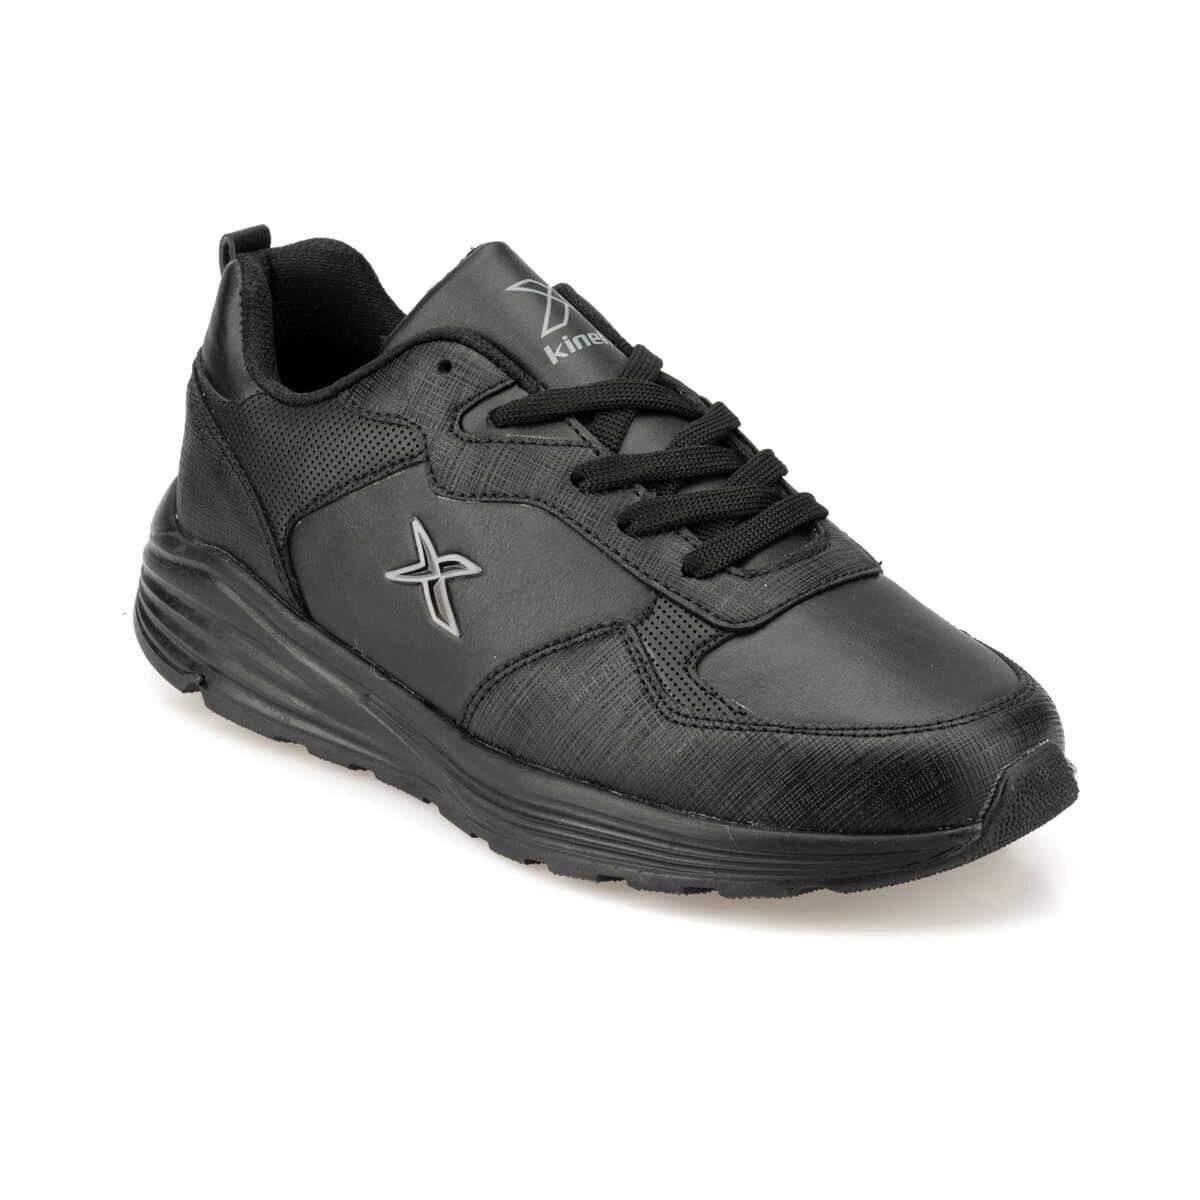 FLO HORA W 9PR Black Women 'S Sneaker Shoes KINETIX